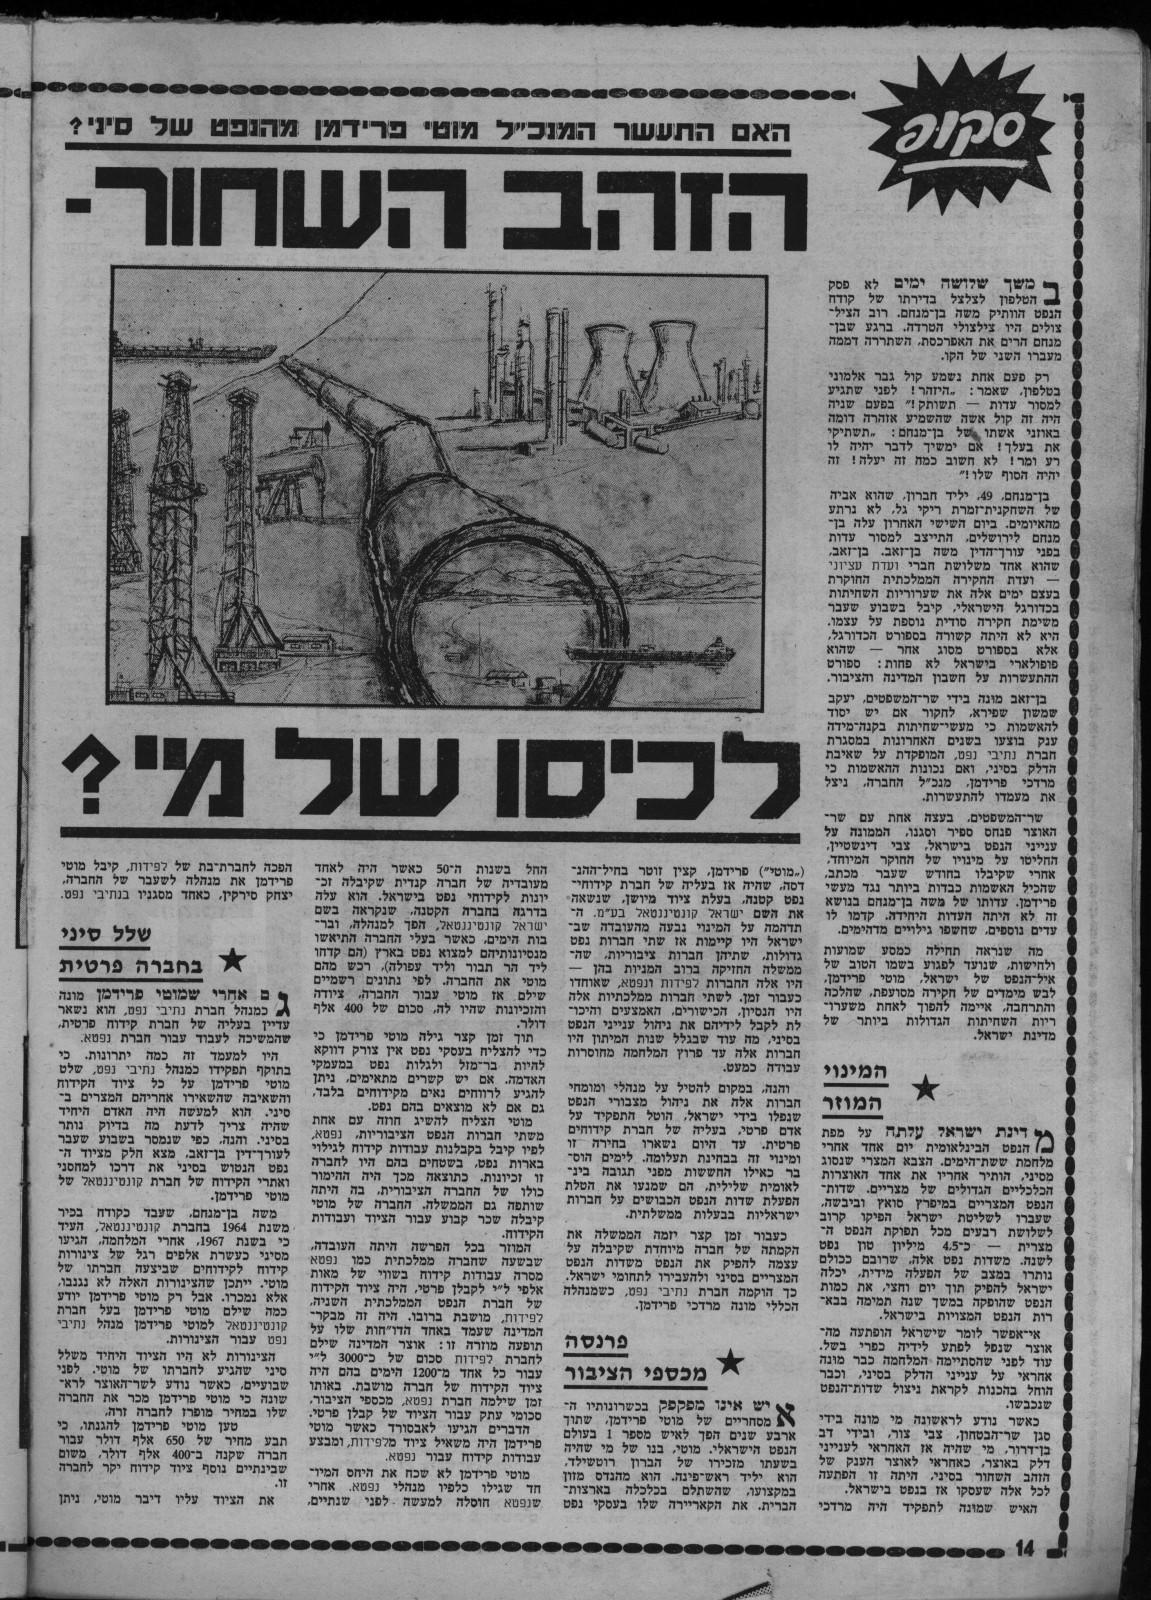 """פרשת """"נתיבי נפט"""" נחשפת ב""""העולם הזה"""", 10.8.1971"""